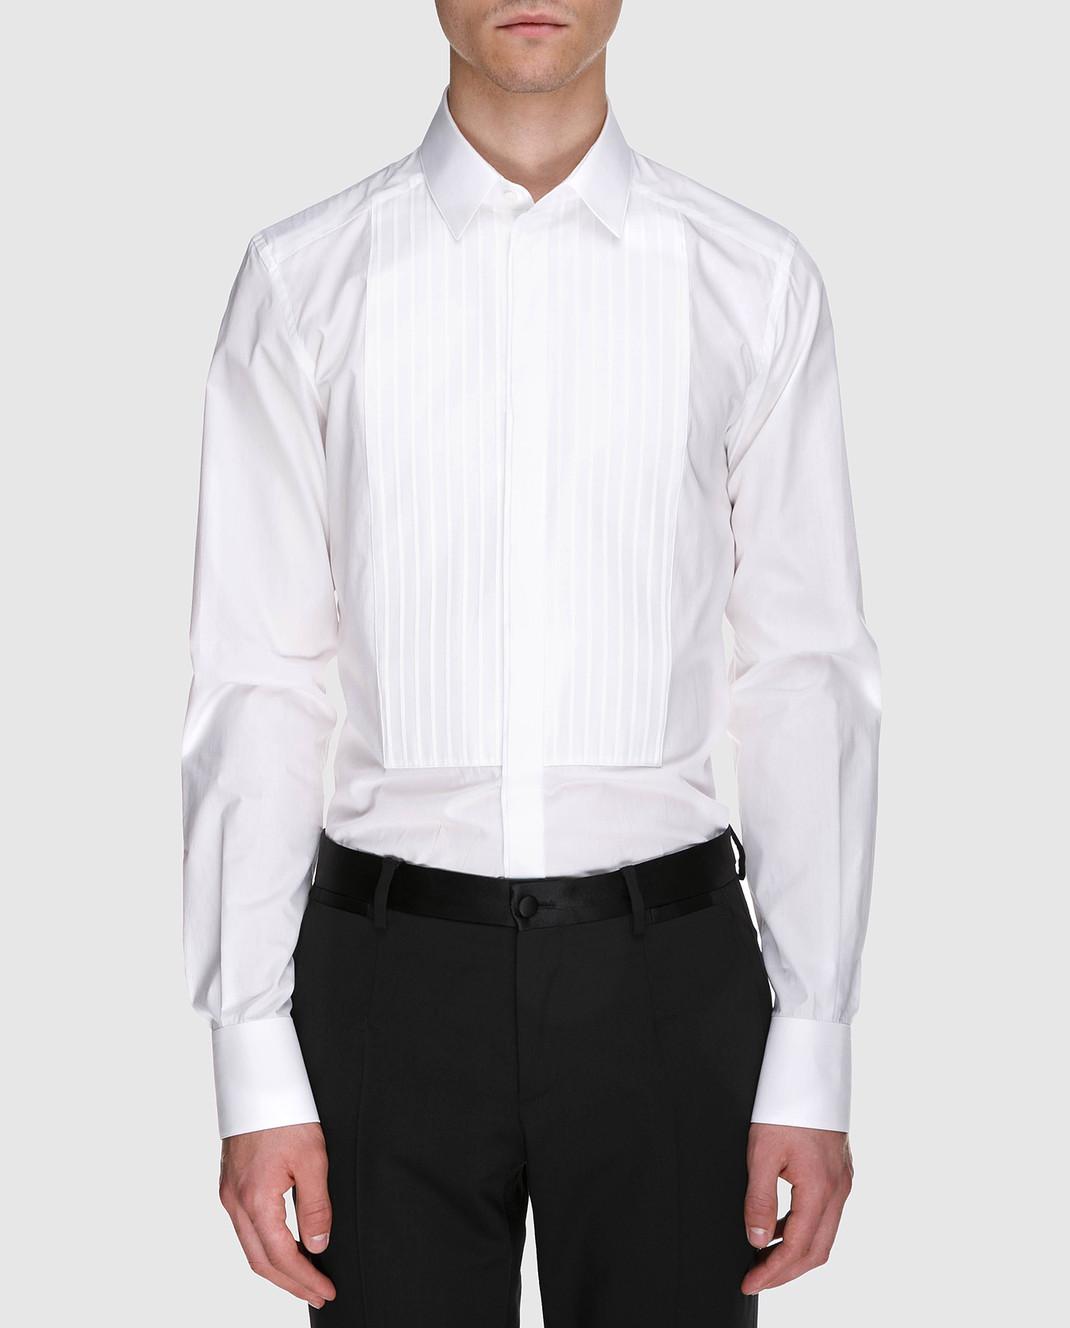 Dolce&Gabbana Белая рубашка G5FL5TGEC81 изображение 3